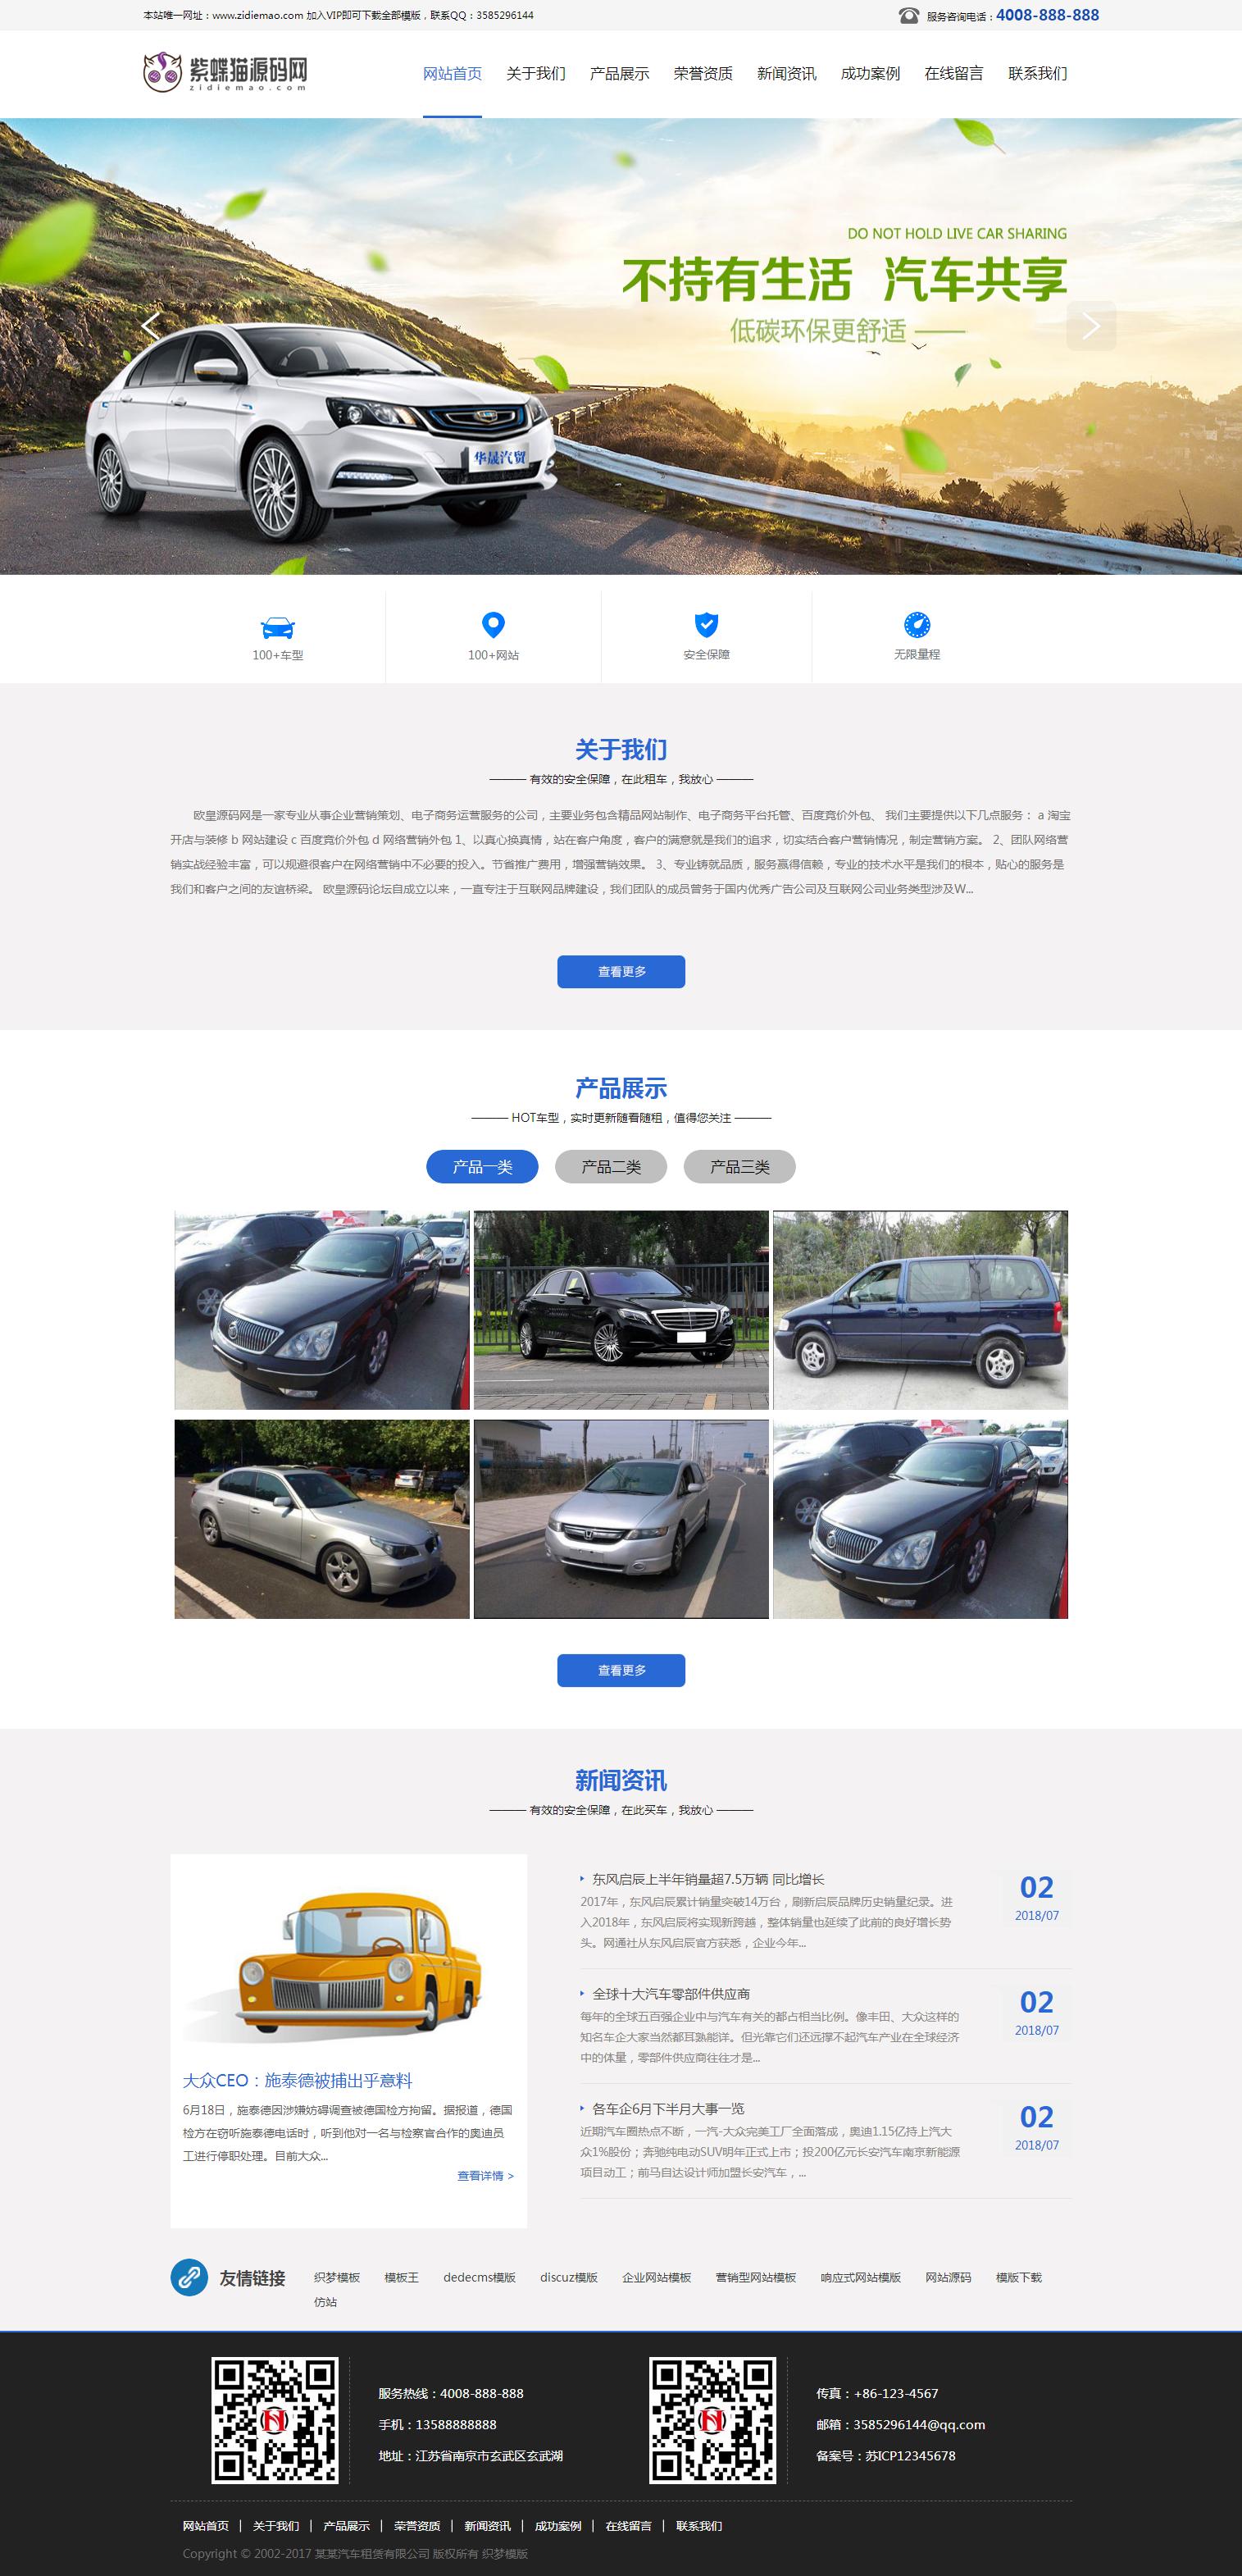 婚庆婚车租赁网站模板